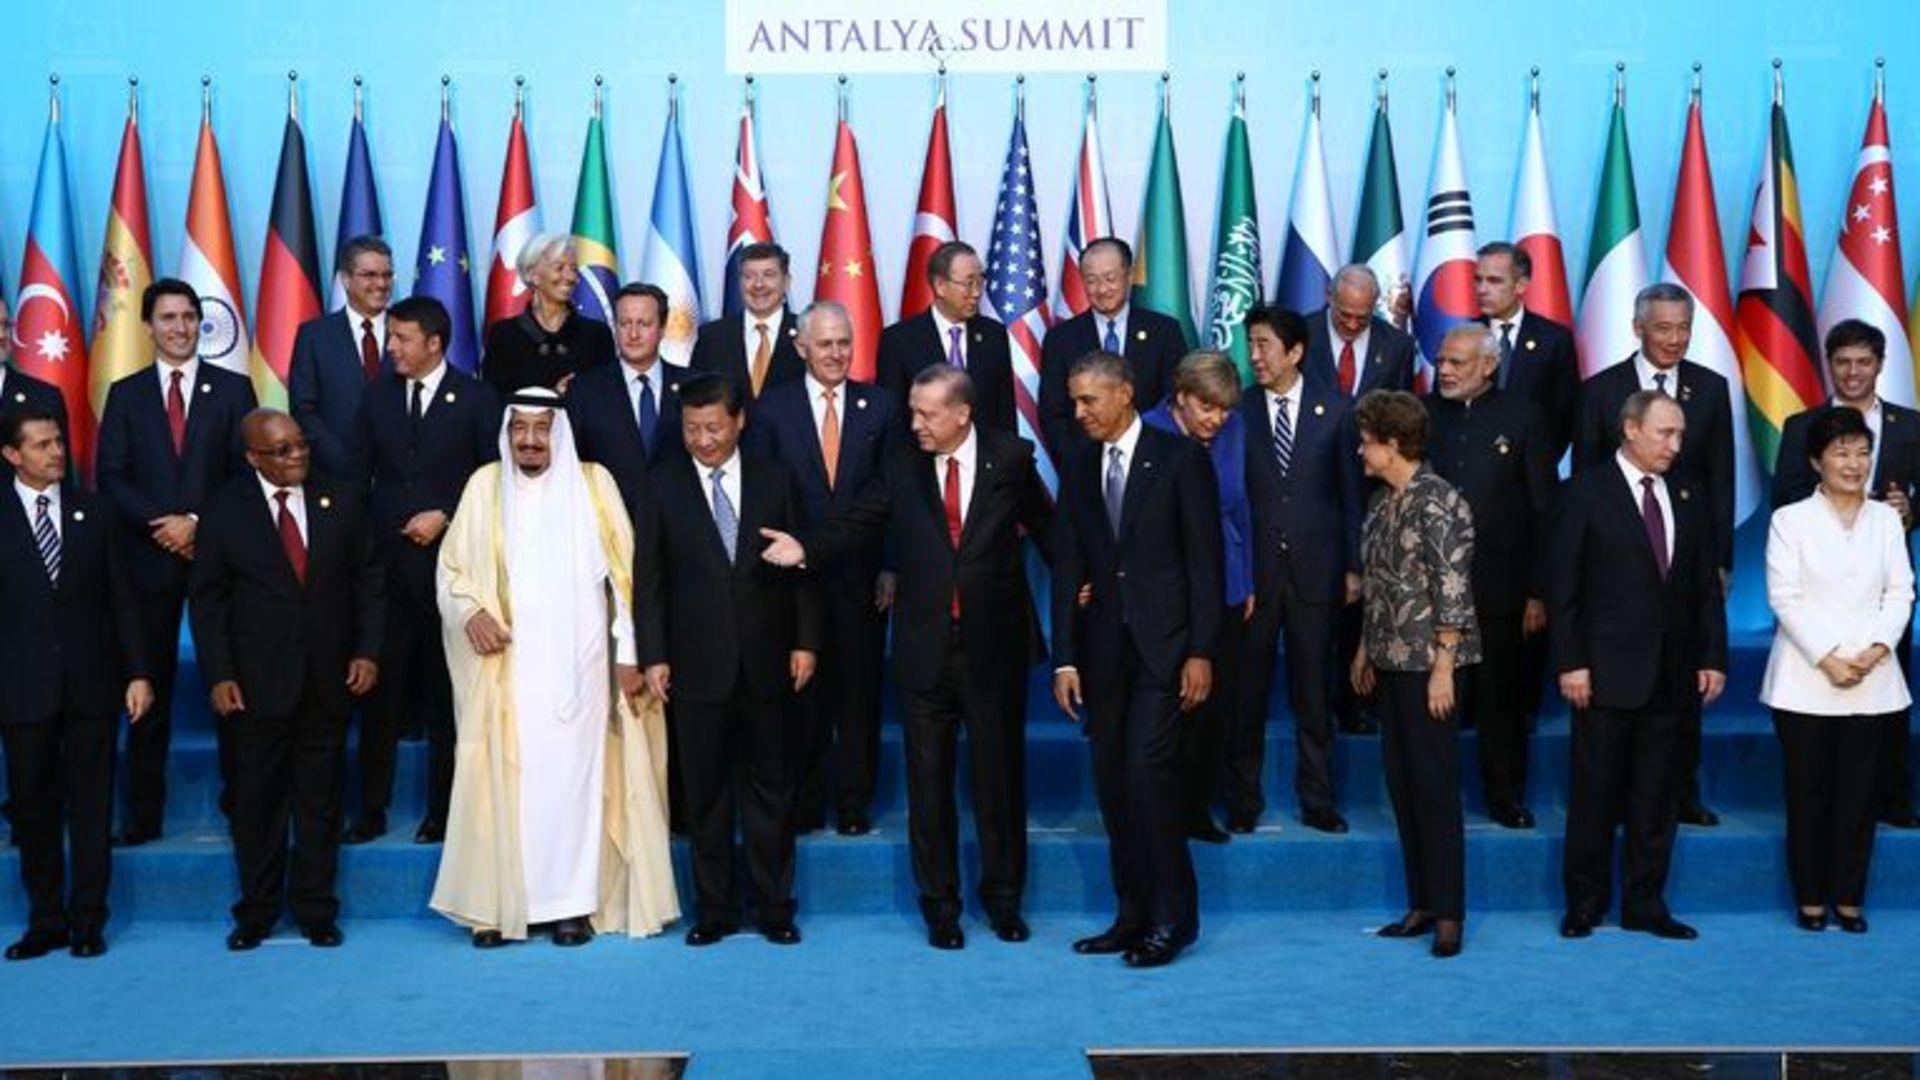 dünya liderleri toplantısı ile ilgili görsel sonucu